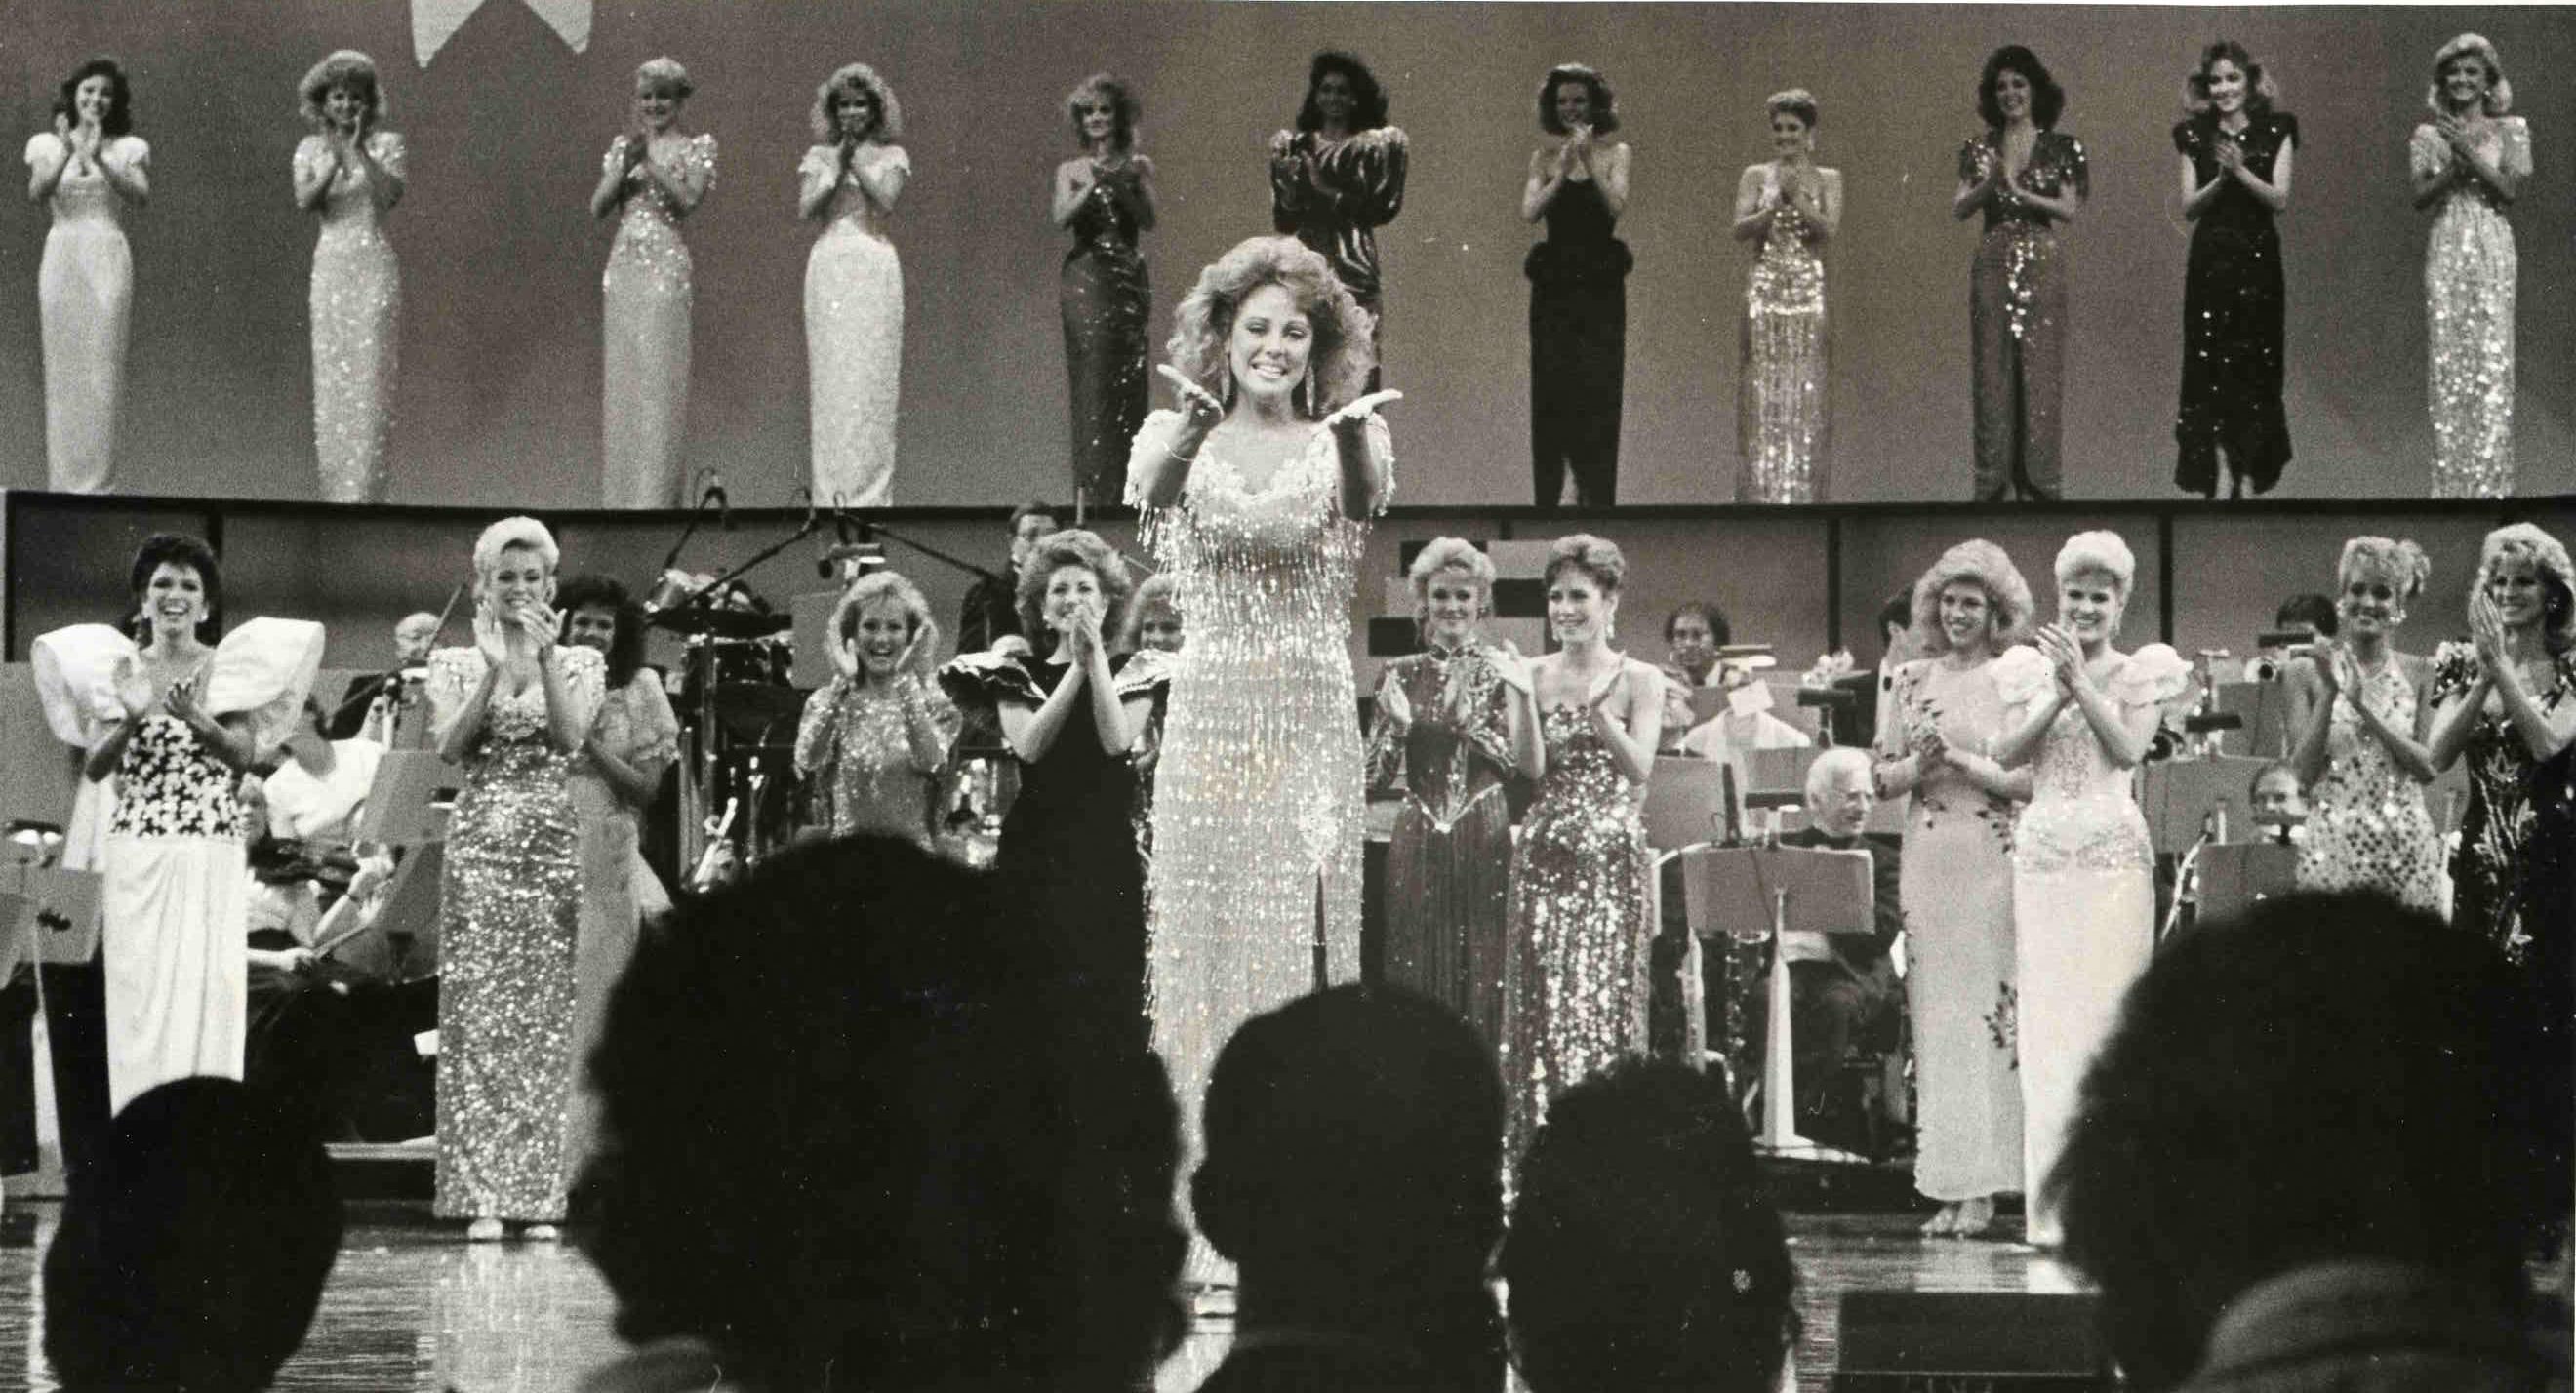 1988: Kaye Lani Rae Rafko from Monroe, Mich.